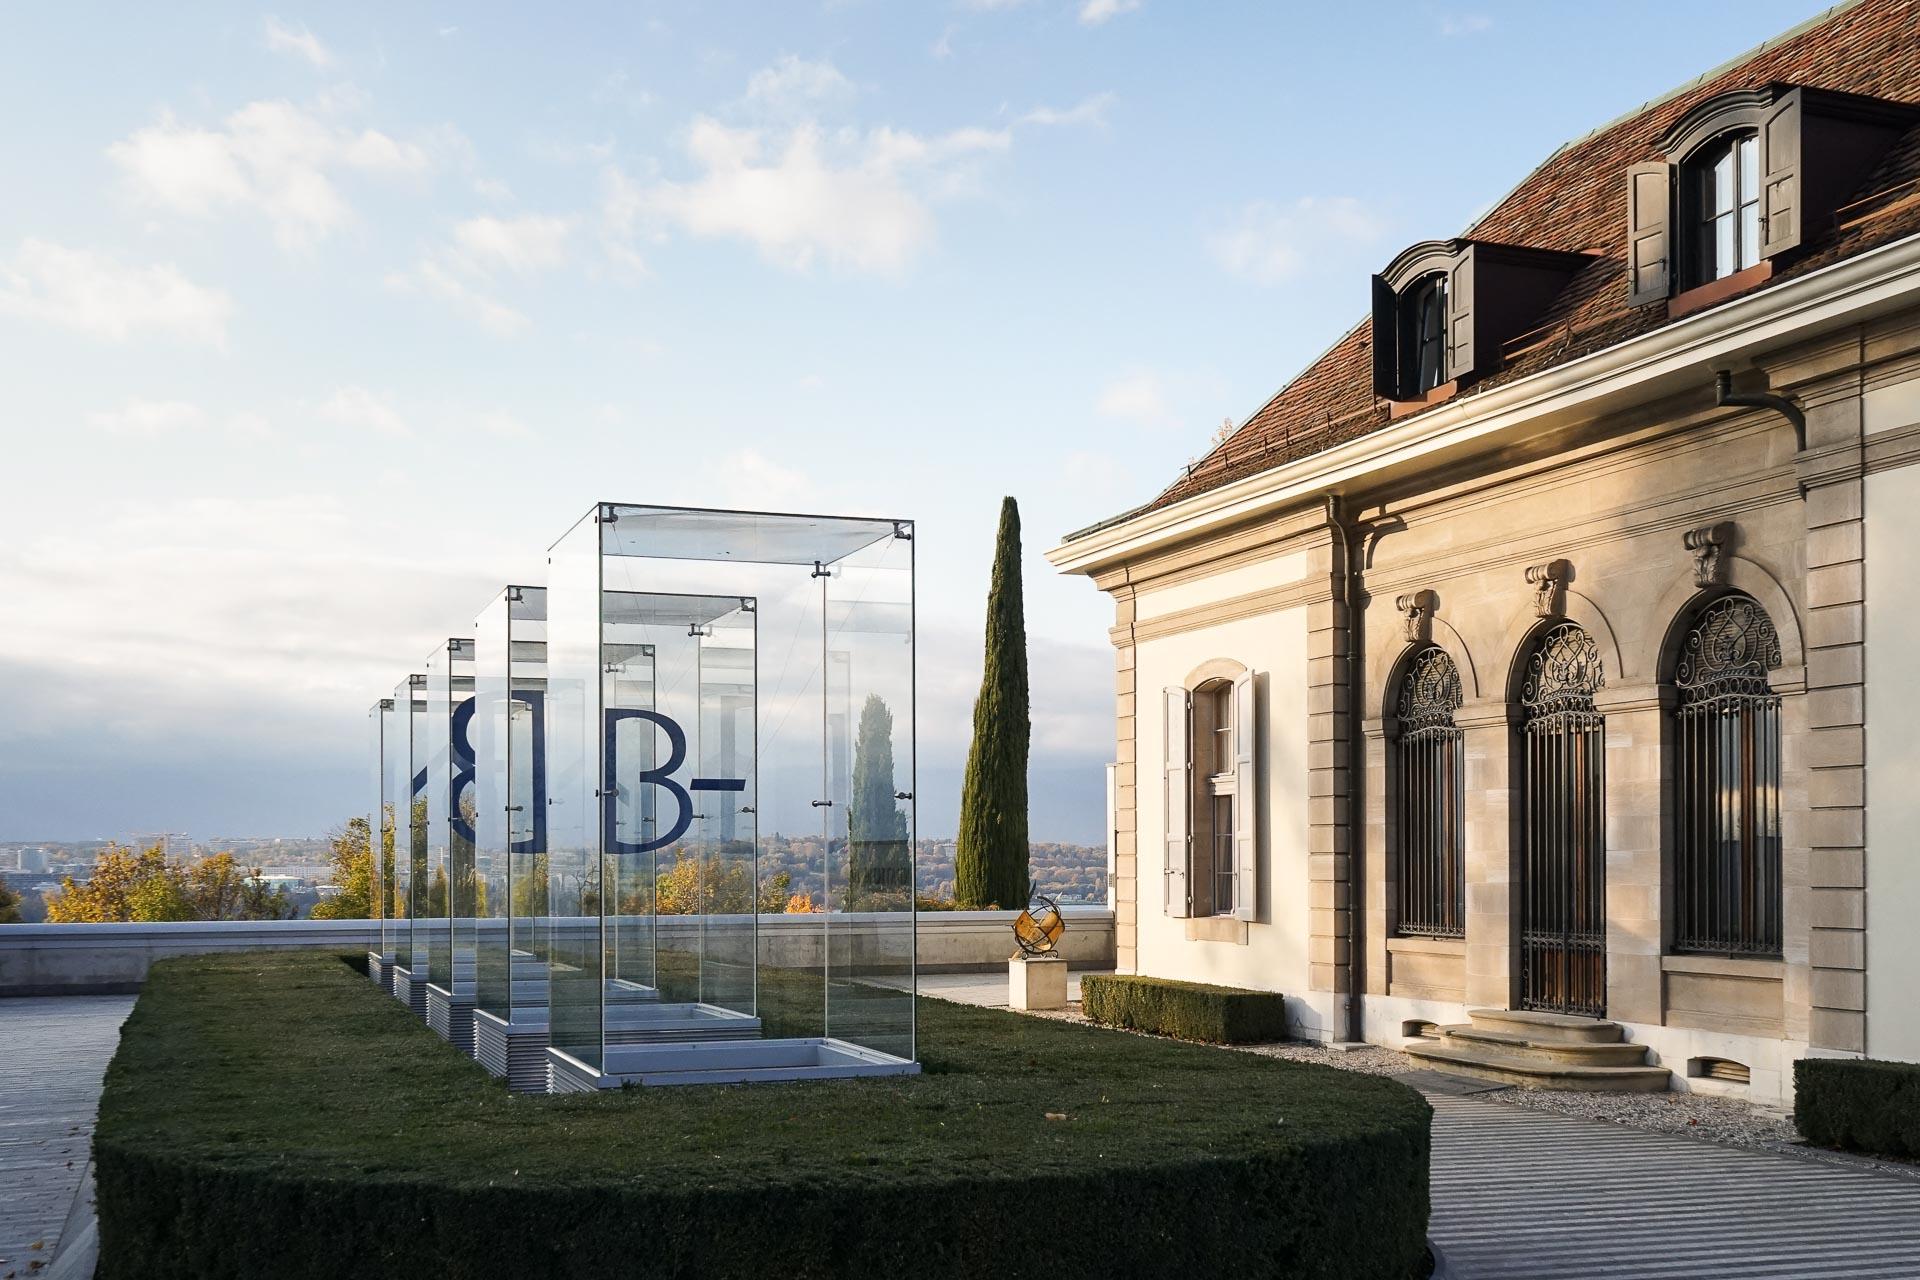 Entre sommets alpins et rives du Léman, Genève l'internationale rayonne aussi par la richesse de son paysage culturel. Et pour cause : quatre musées uniques au monde, de grandes collections d'art ou une programmation intense tout au long de l'année. Focus sur une destination à découvrir facilement, le temps d'un weekend, avec TGV Lyria.